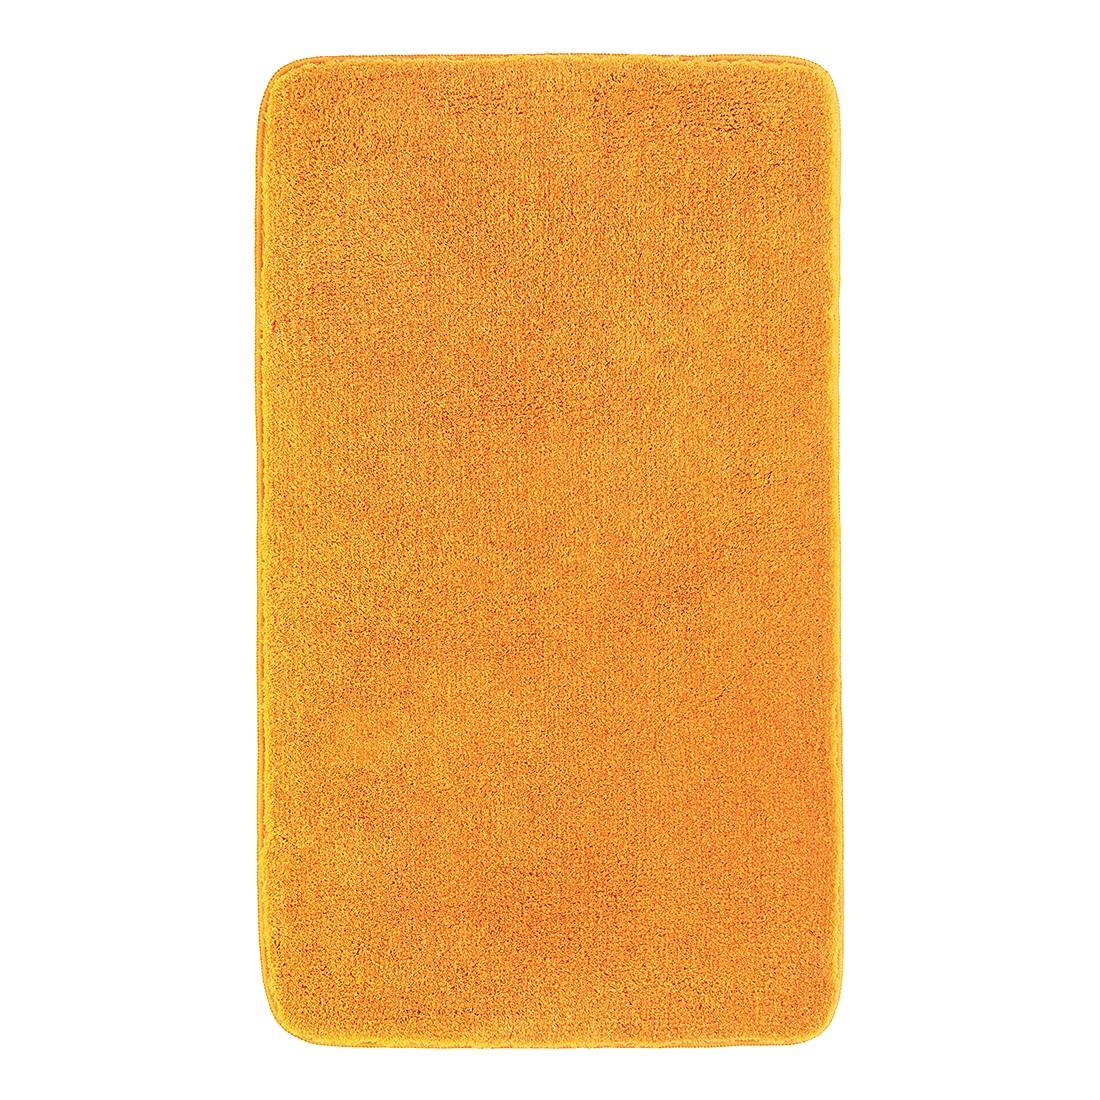 badteppich comfort orange gr e 150 x 80 cm grund bestellen. Black Bedroom Furniture Sets. Home Design Ideas